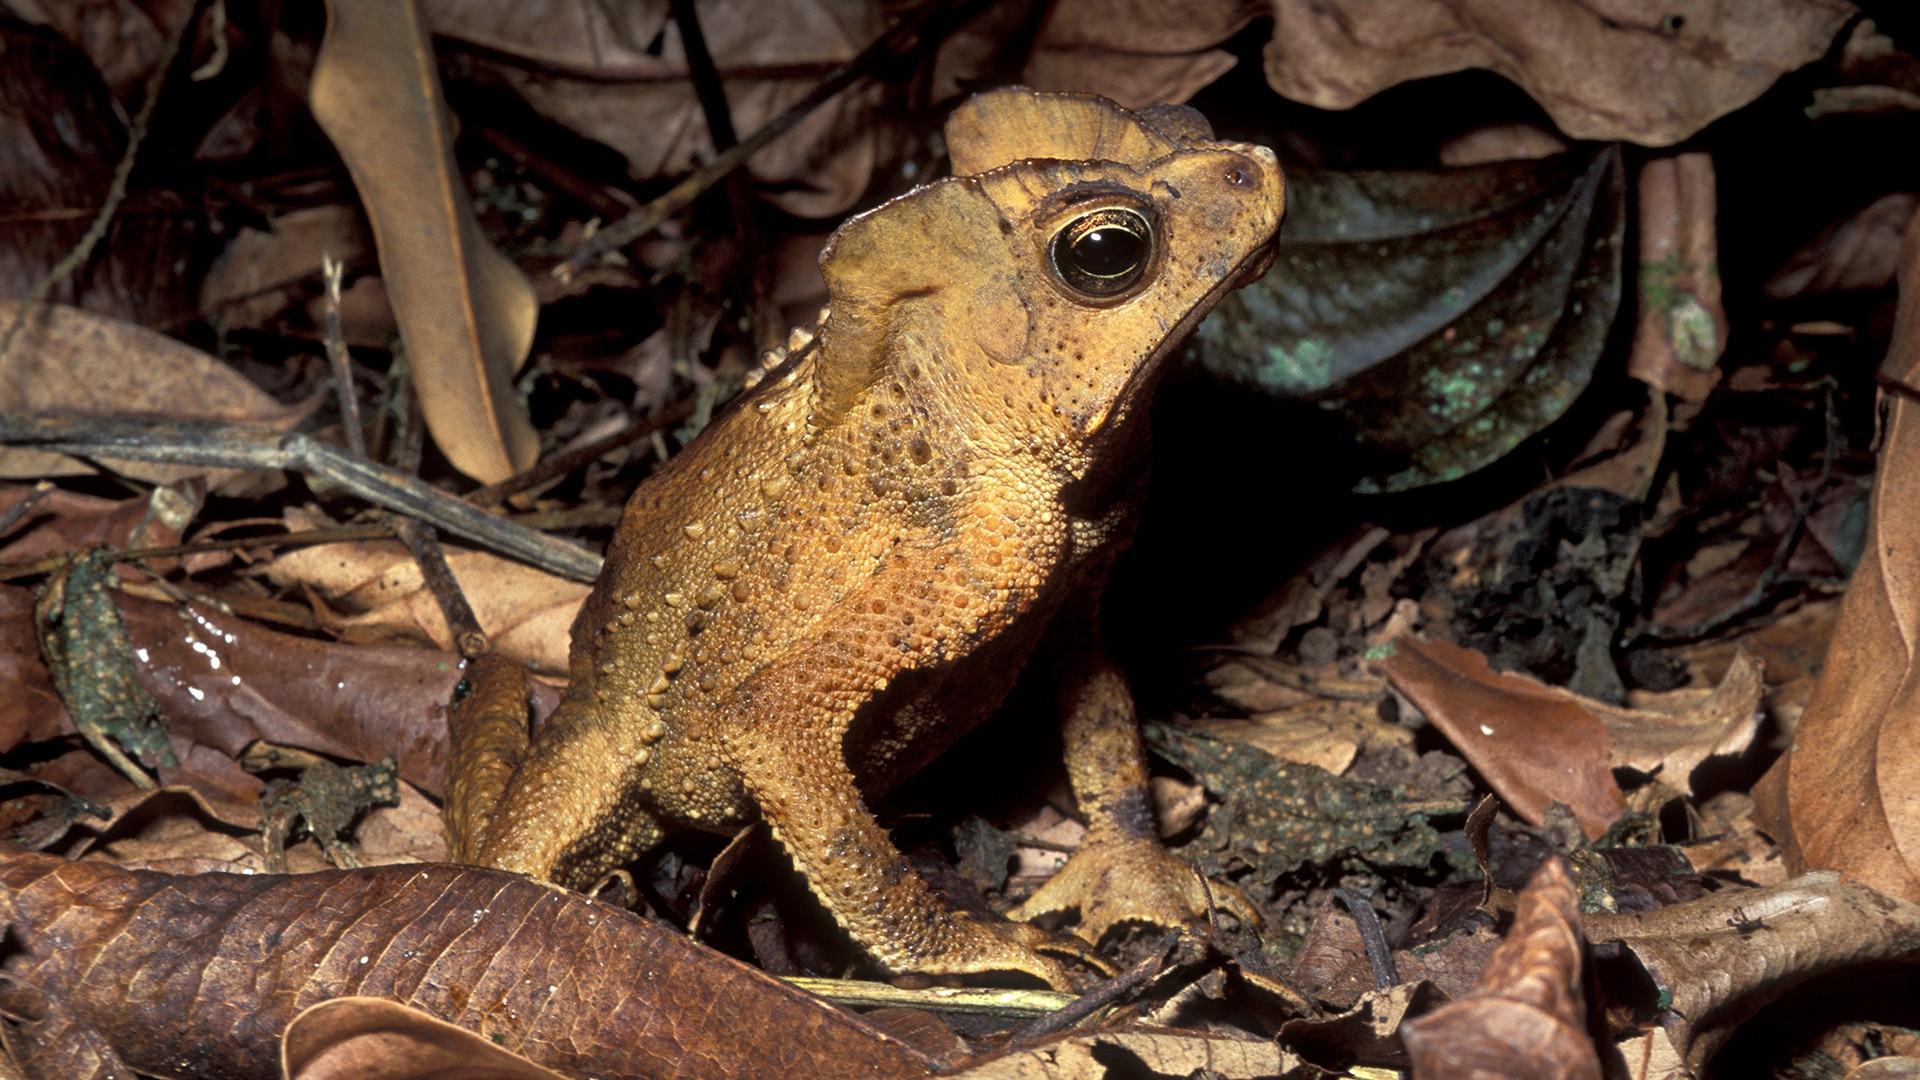 Leaf litter toad